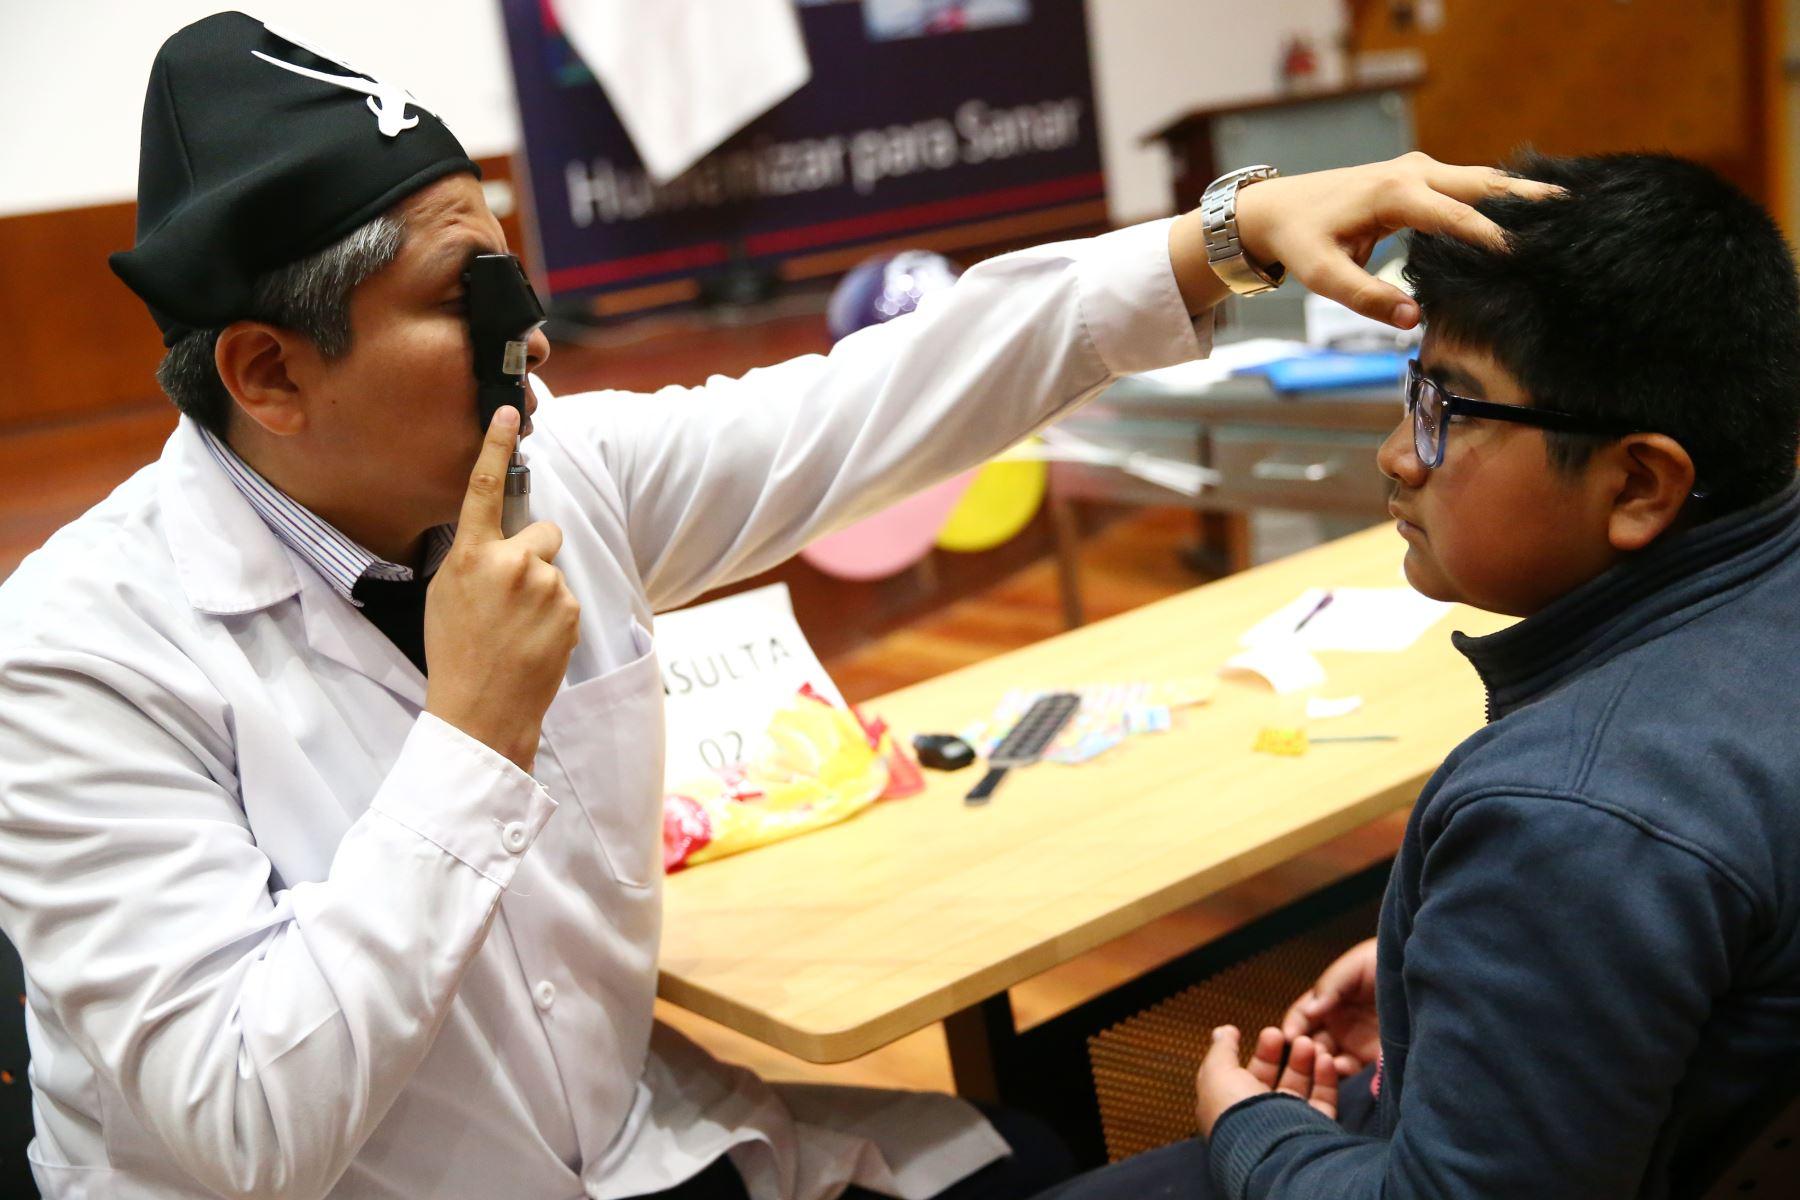 Instituto de Salud del Niño San Borja realiza campaña oftalmológica. Foto: ANDINA/Melina Mejía